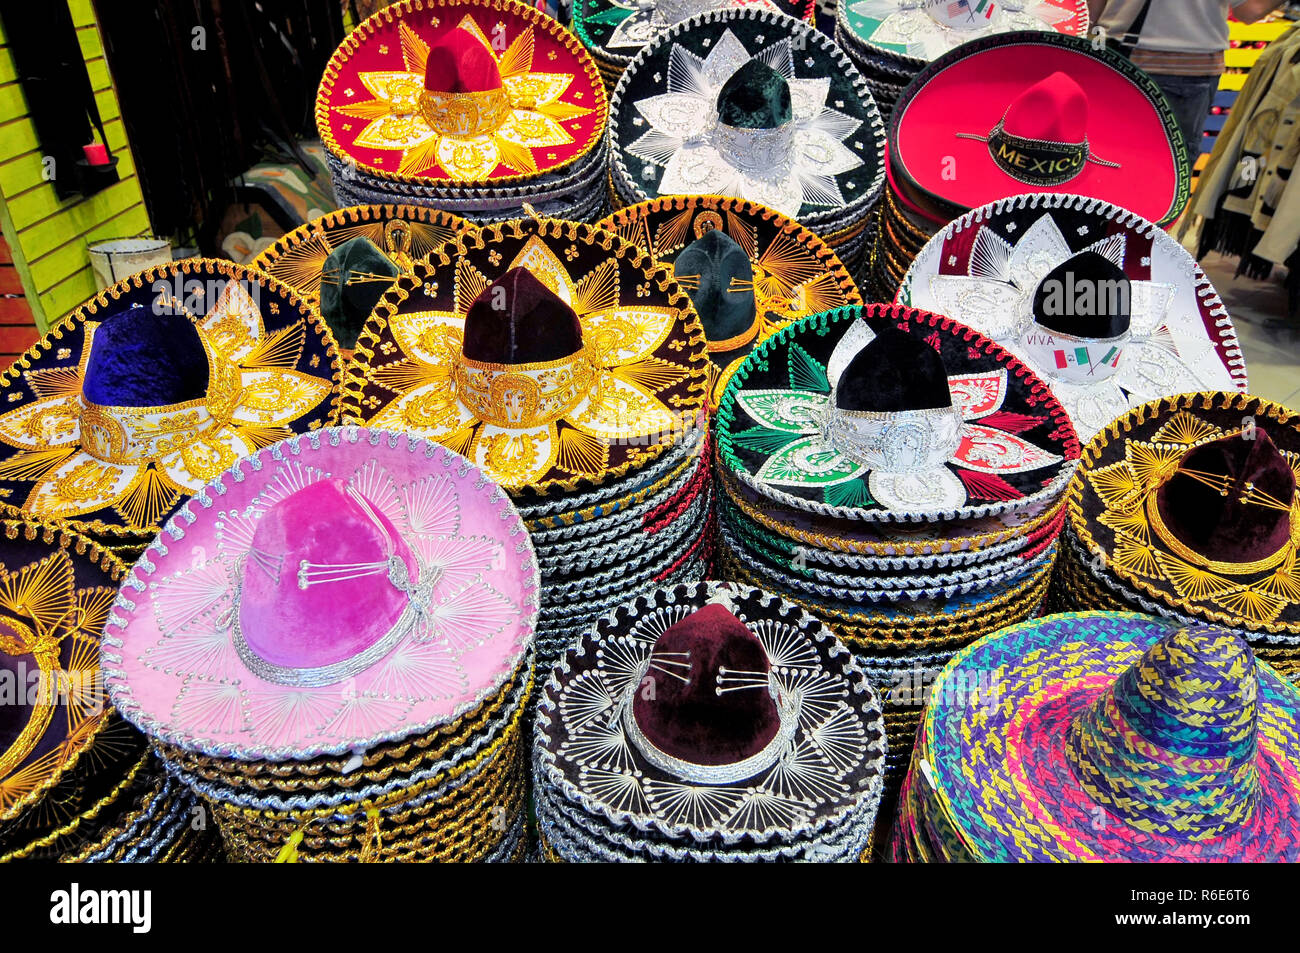 Una pila de sombreros en diferentes tamaños para su venta en una tienda de  la Ciudad de México 3532f3be9a5